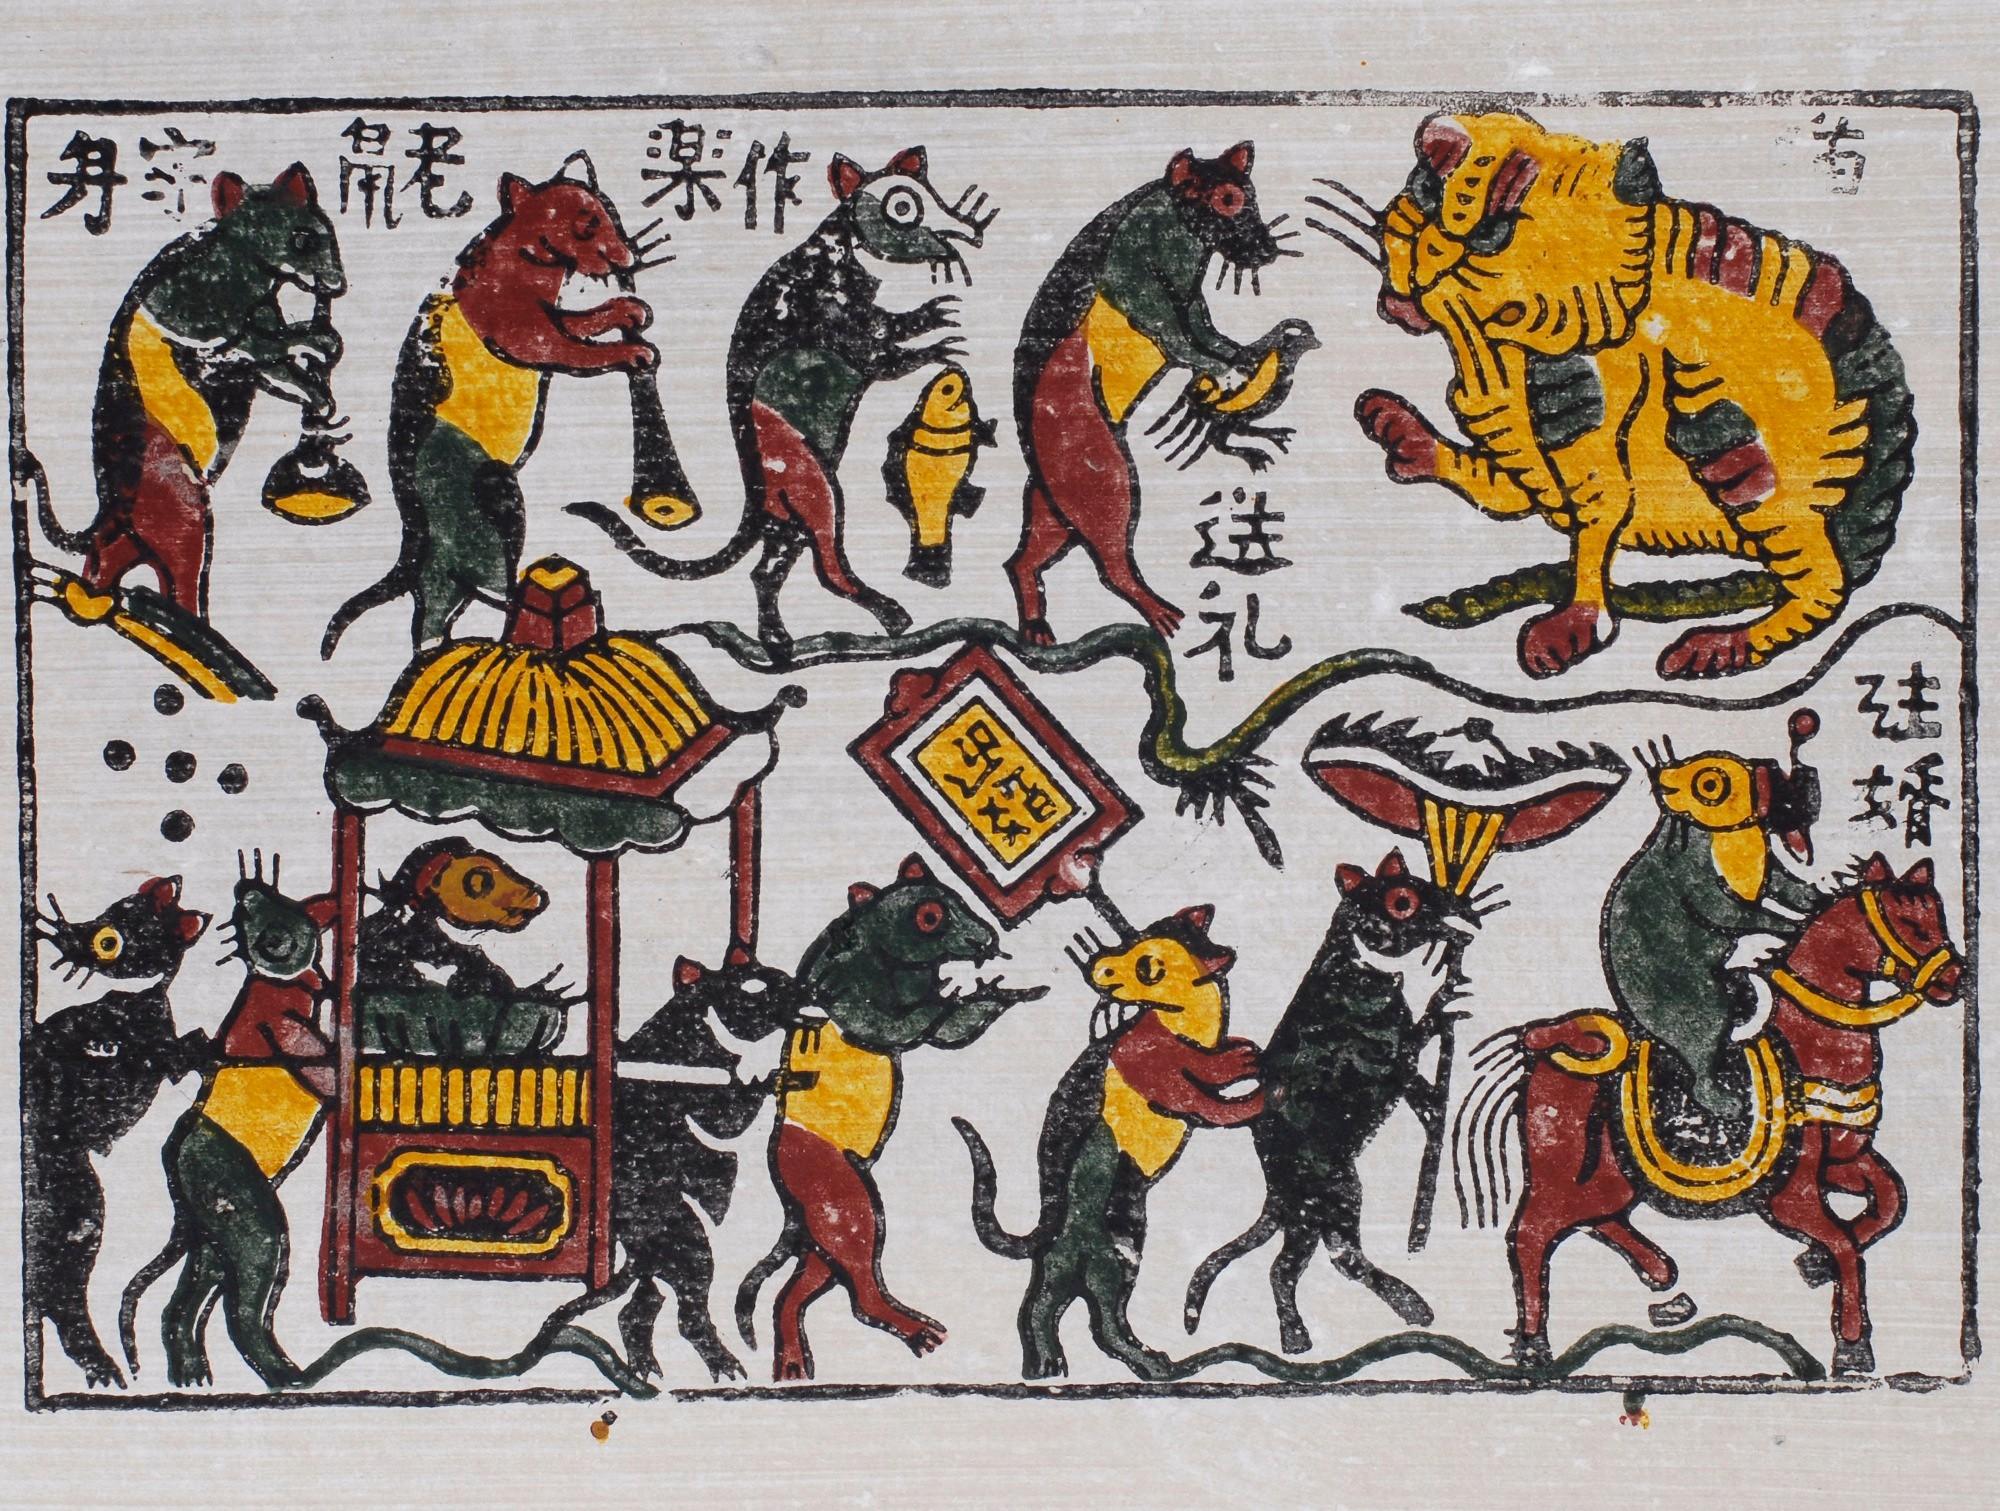 m_cưới_chuột The Rats Wedding: Lao Thu Thu Tan: Old Rat Taking a Bride, a woodblock print, p...JPG